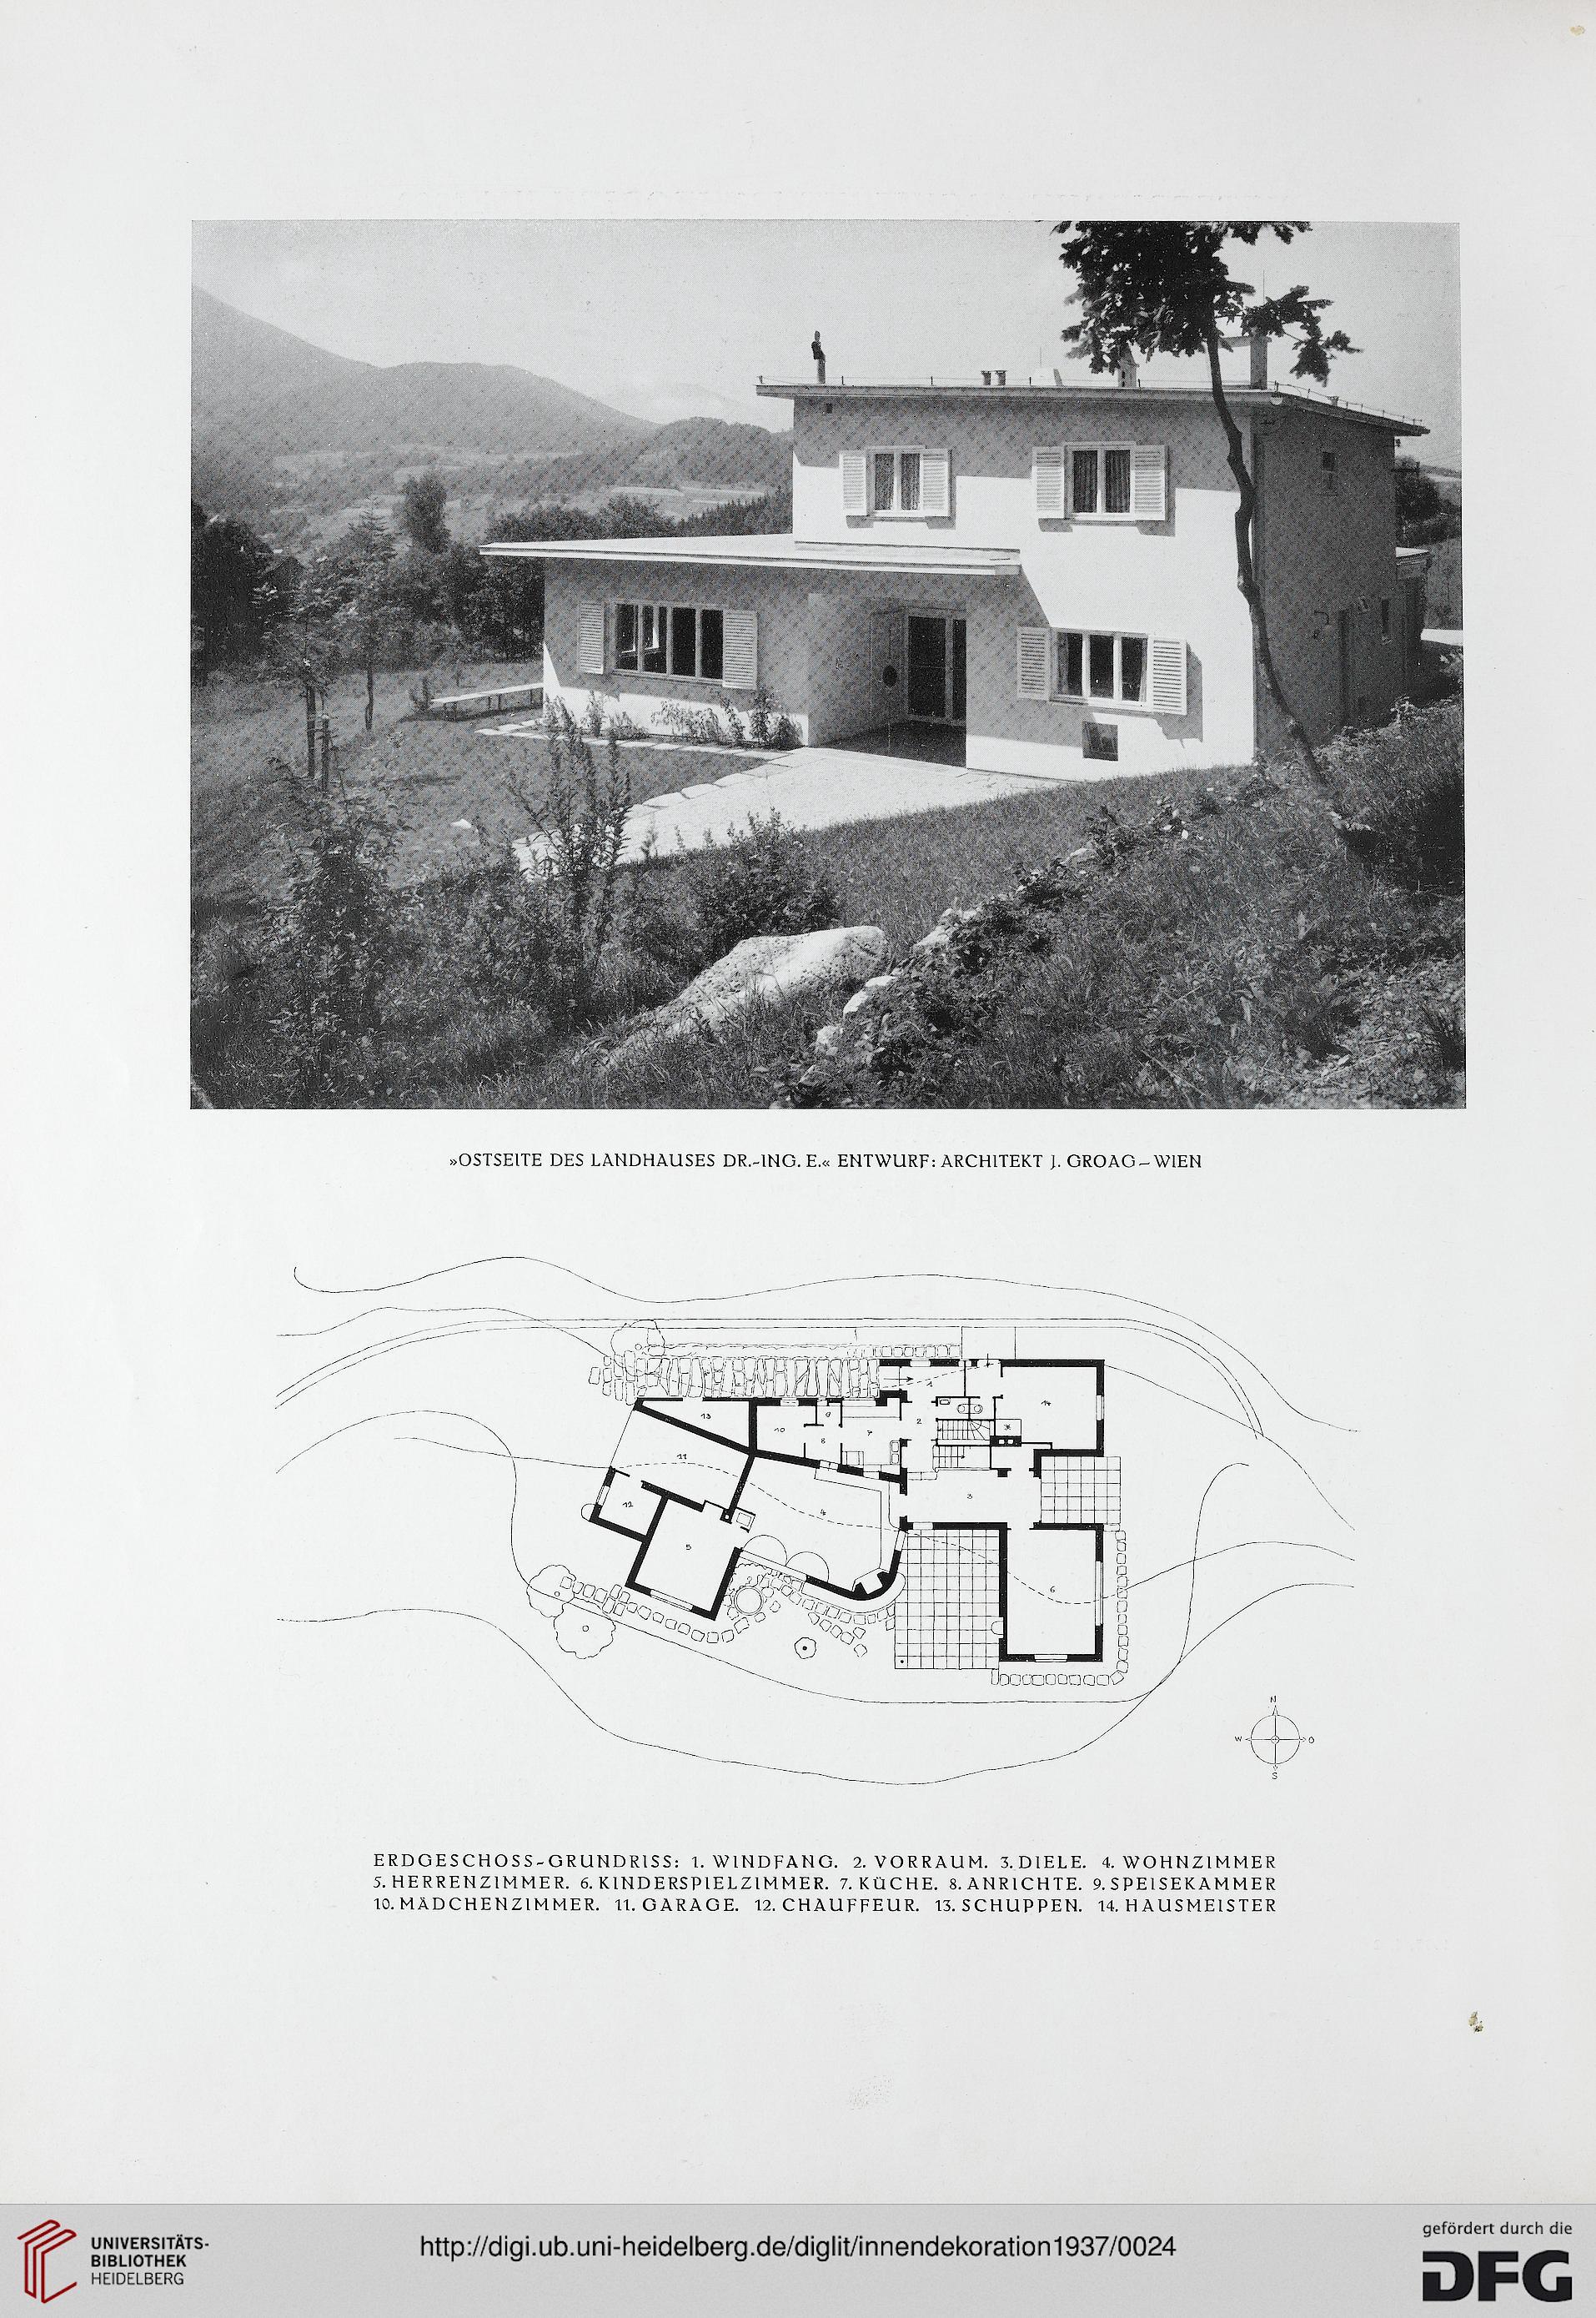 Innendekoration: mein Heim, mein Stolz ; die gesamte Wohnungskunst ...